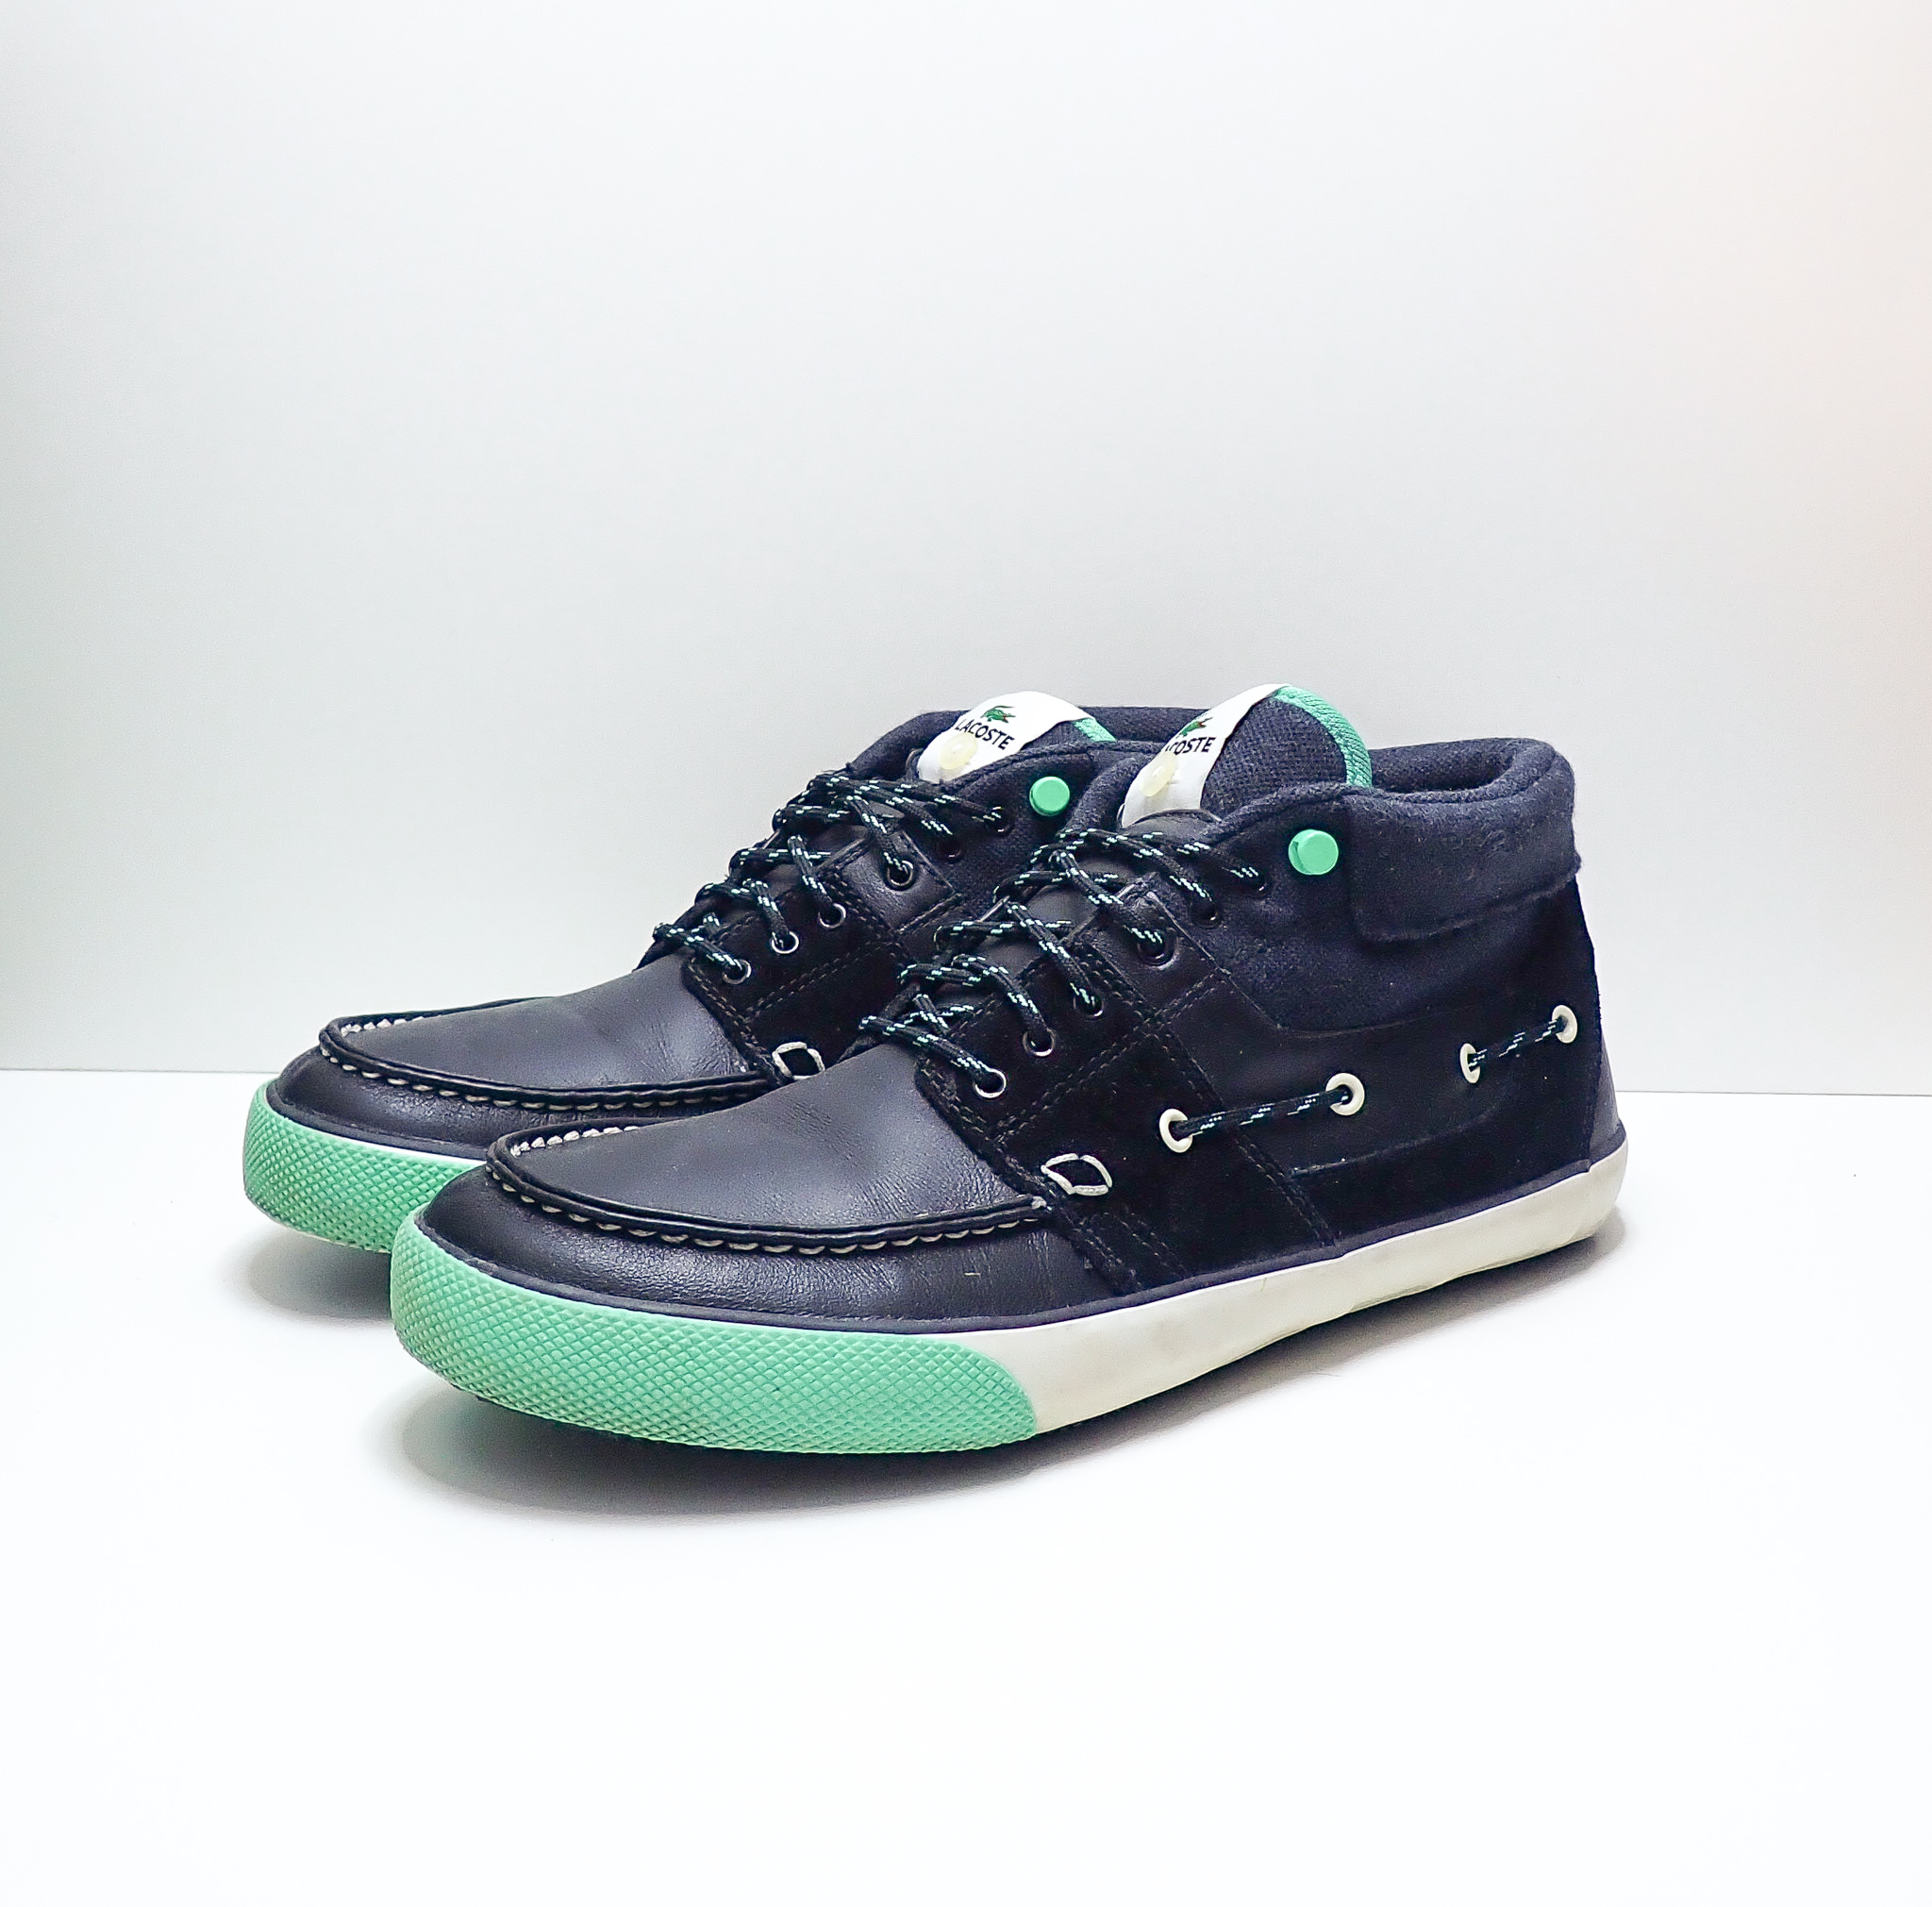 Lacoste Sneaker Freaker